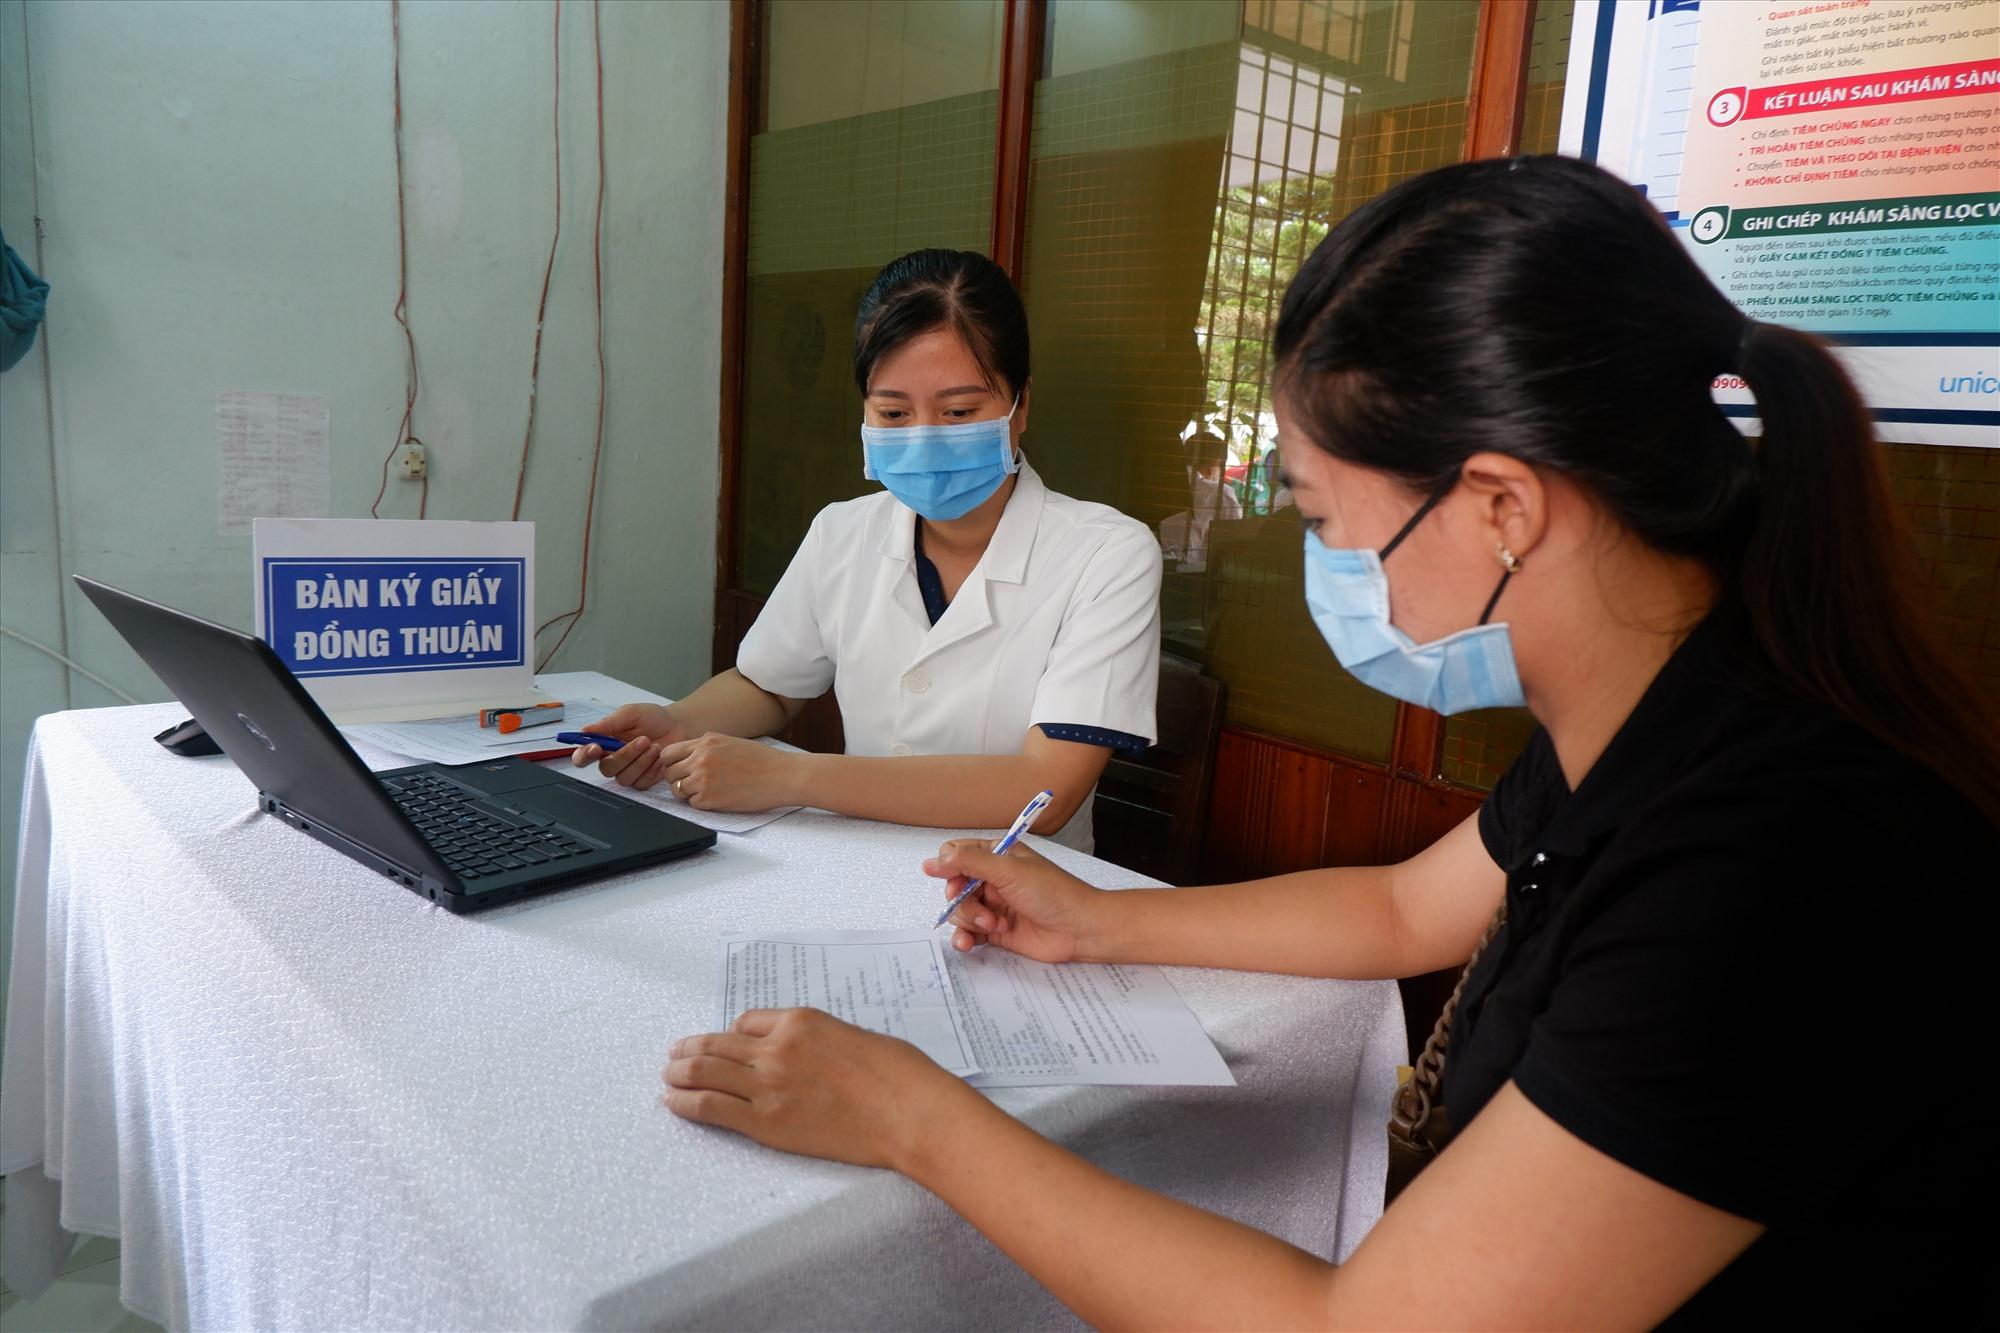 Người được tiêm phải ký xác nhận vào phiếu đồng thuận mới được thực hiện tiêm chủng. Ảnh: X.H